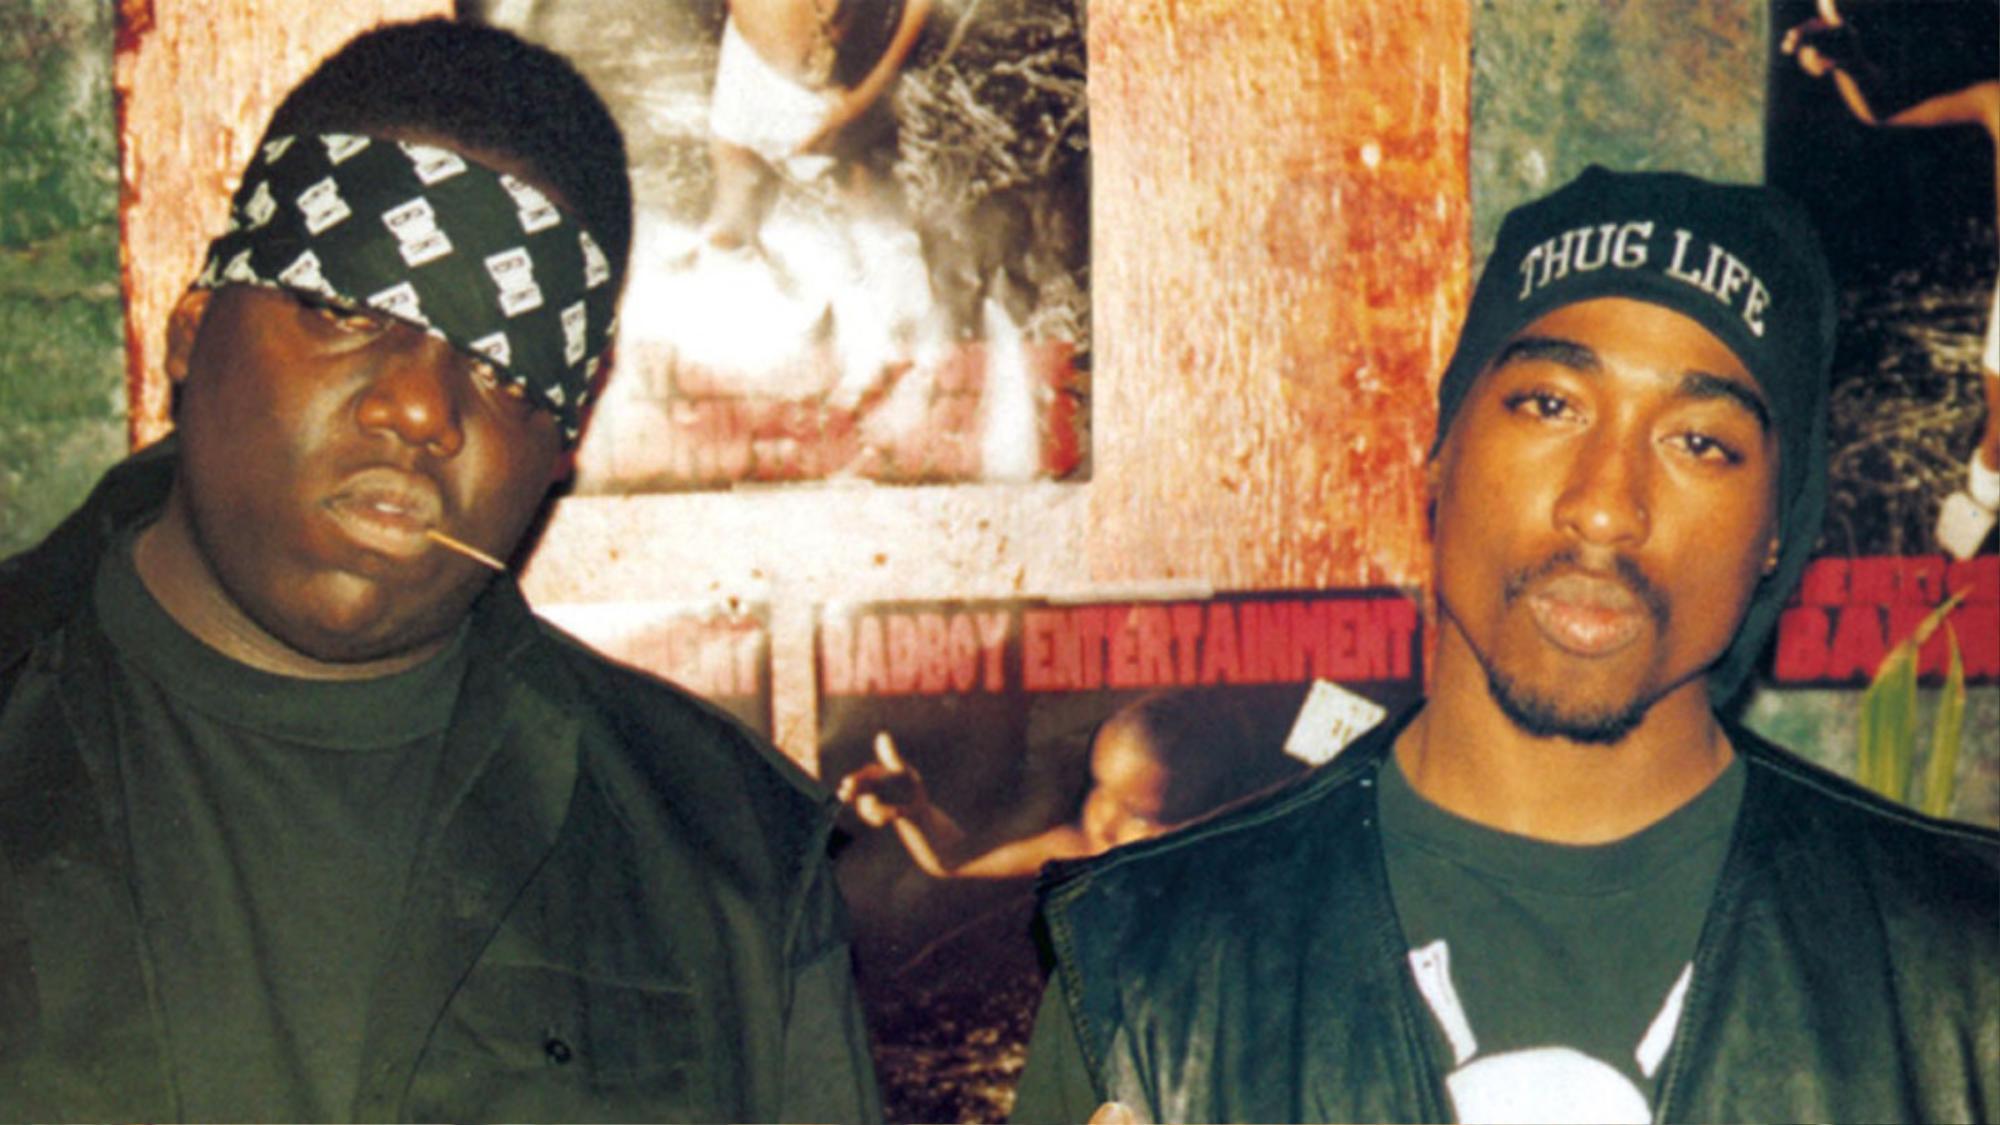 Hip-hop: Từ gốc gác bình dân cho đến 'đế chế' văn hóa hùng mạnh Ảnh 12